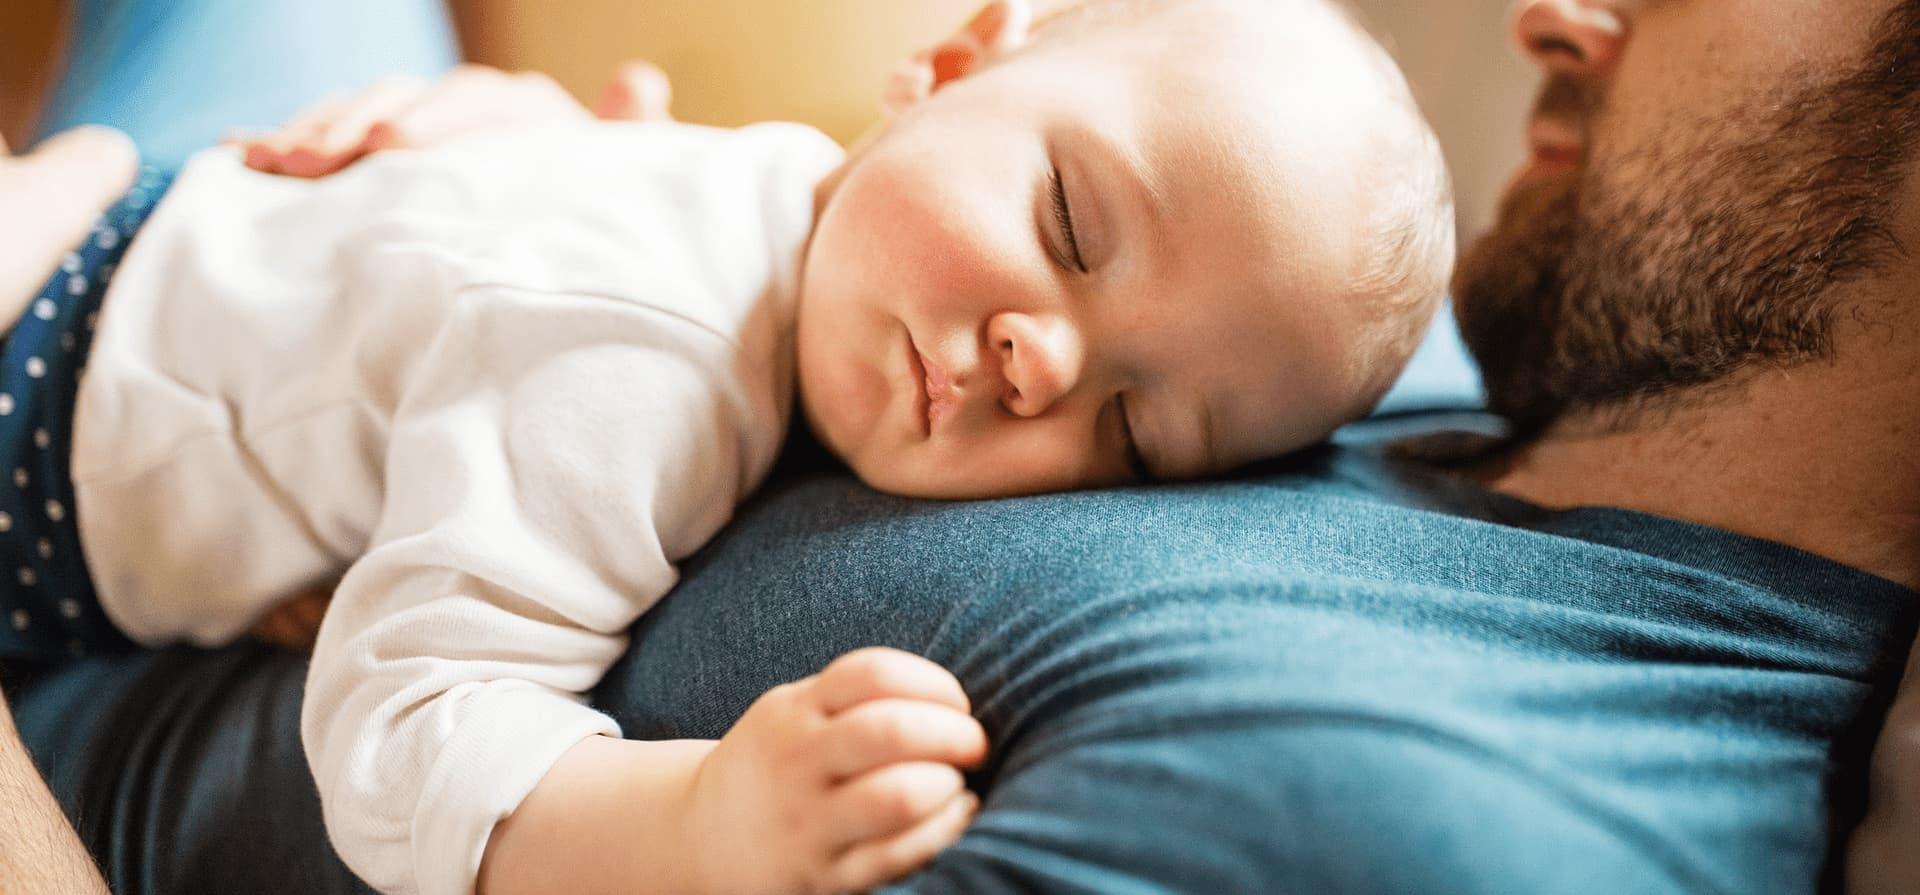 Problème de régurgitation de bébé : que faire ?